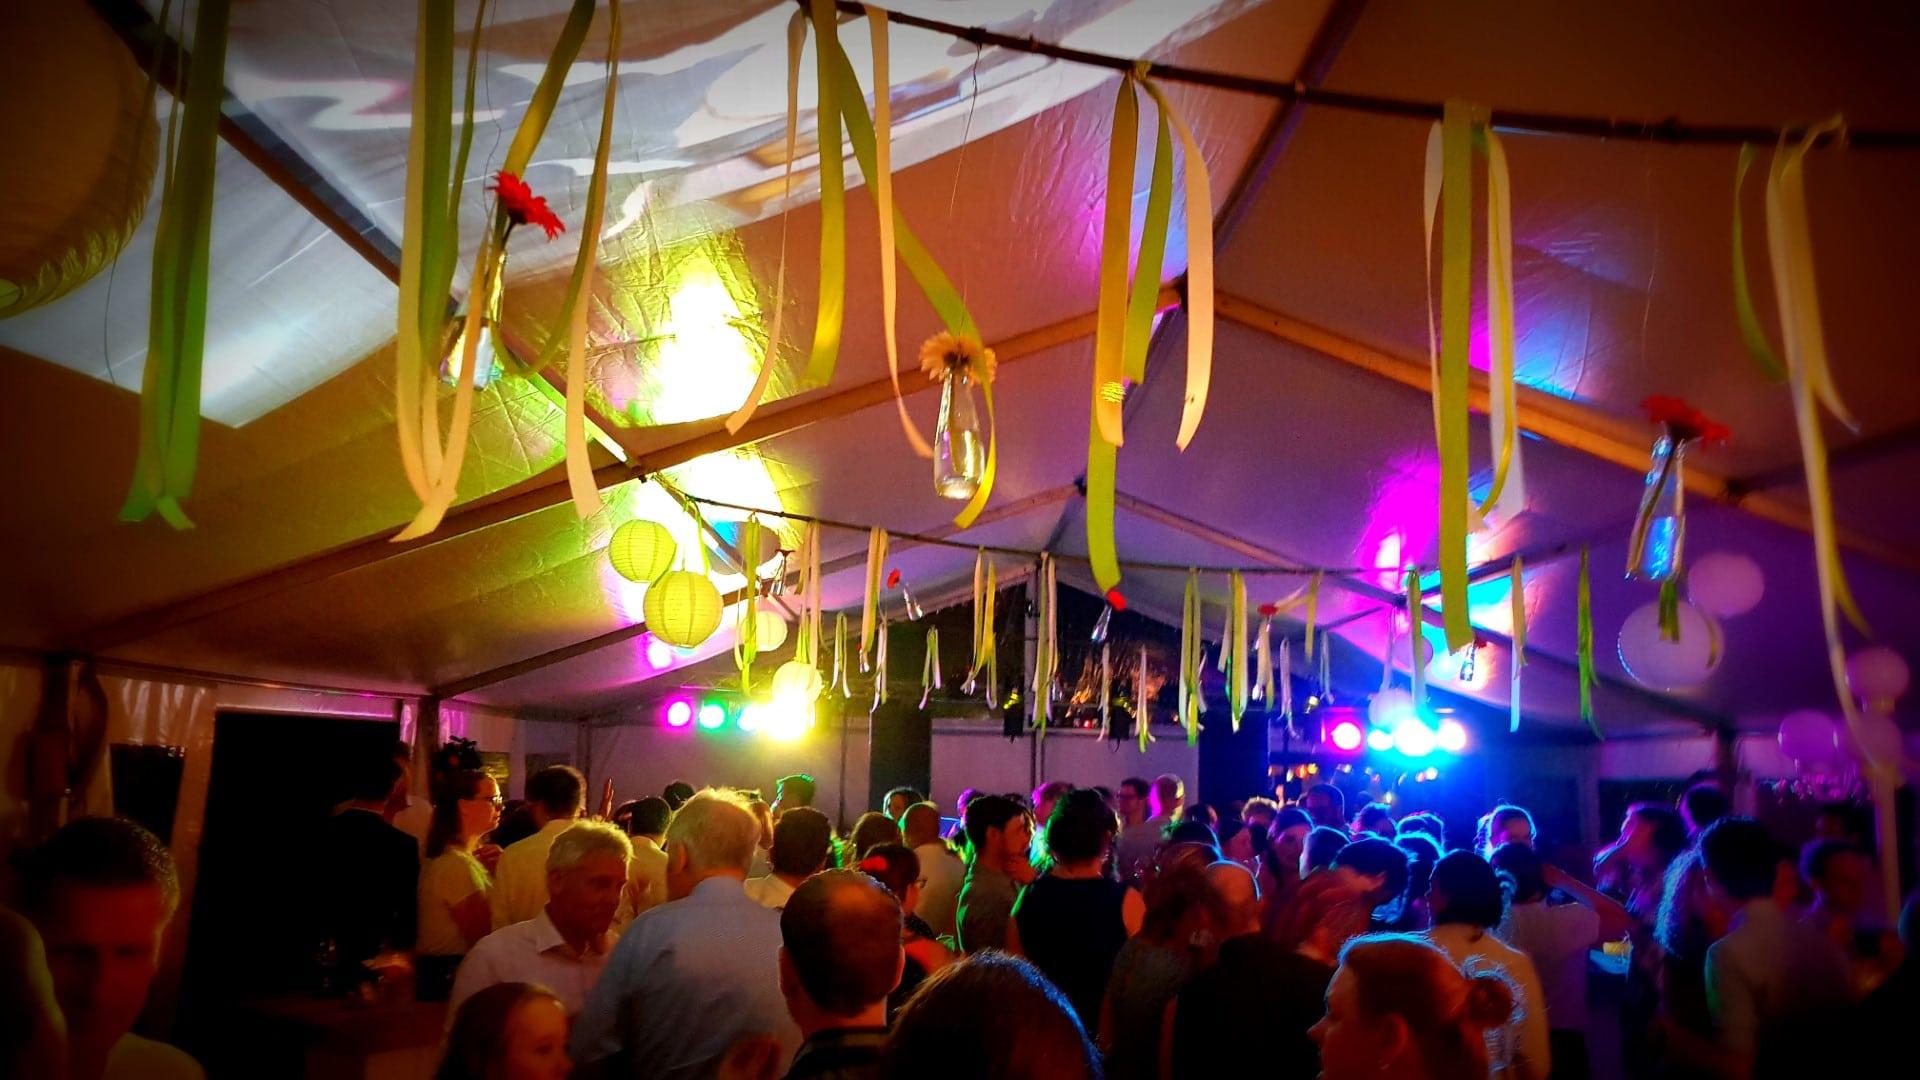 Feest DJ in Venlo voor nineties en seventies muziek